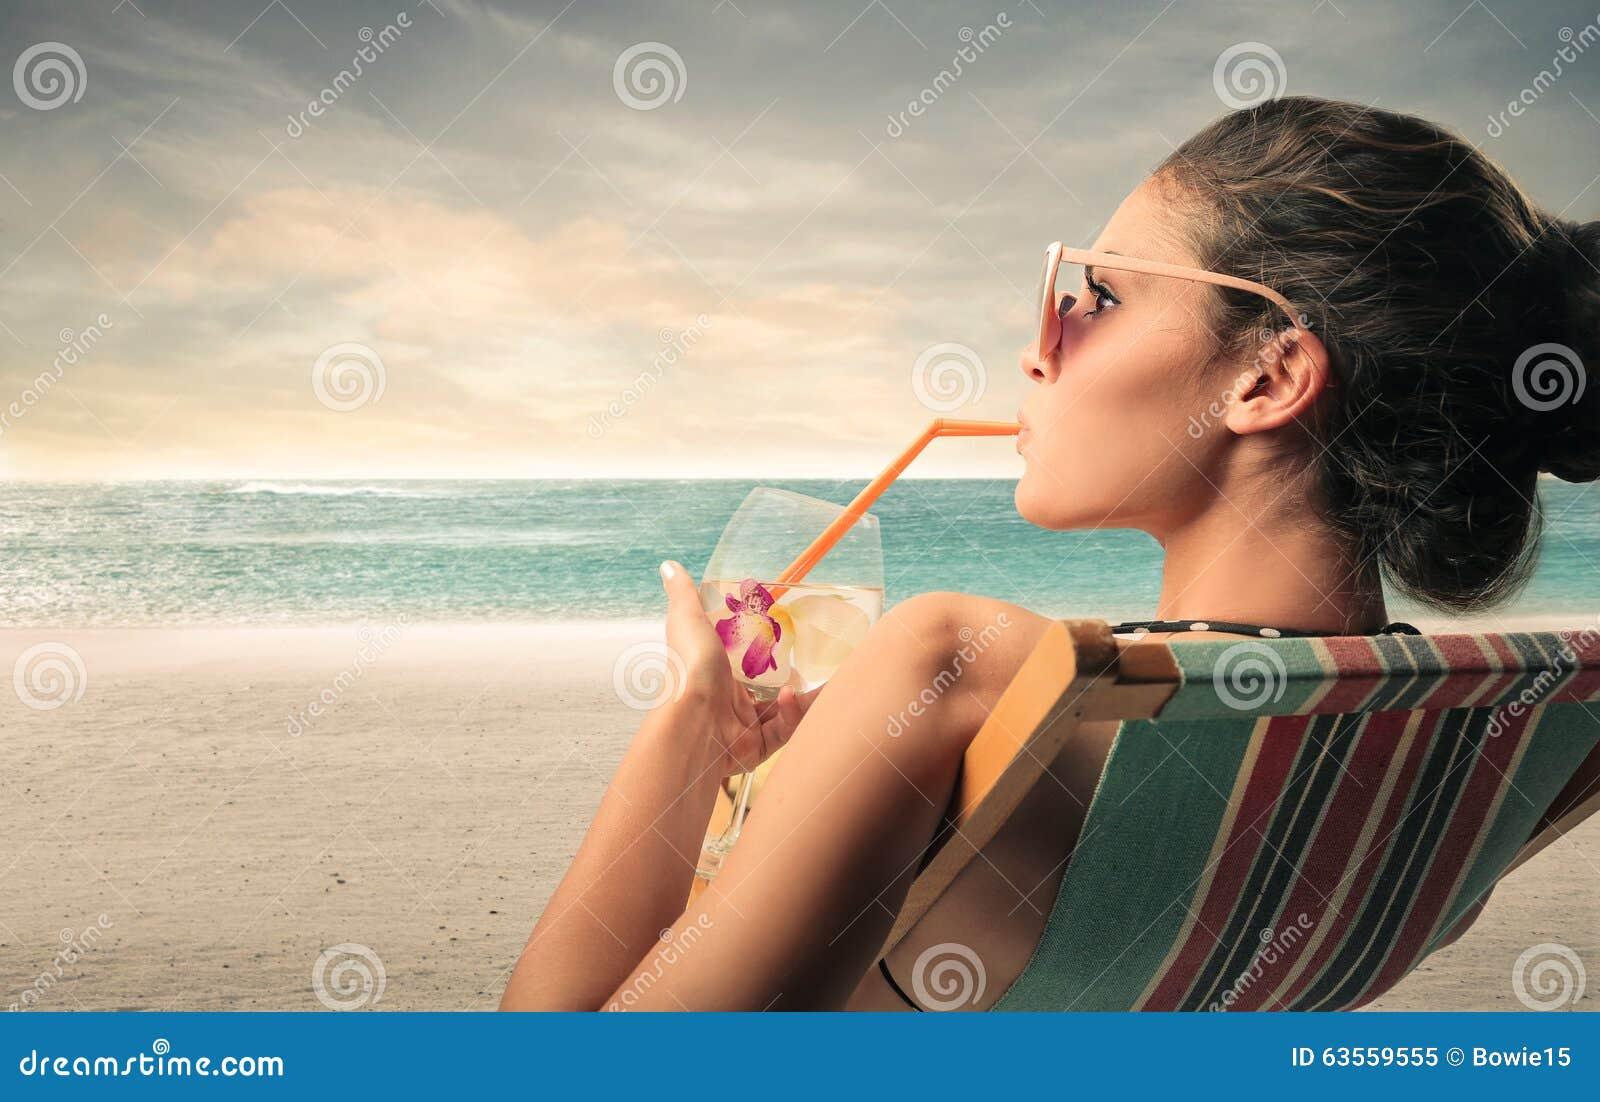 Frisdrank bij het strand